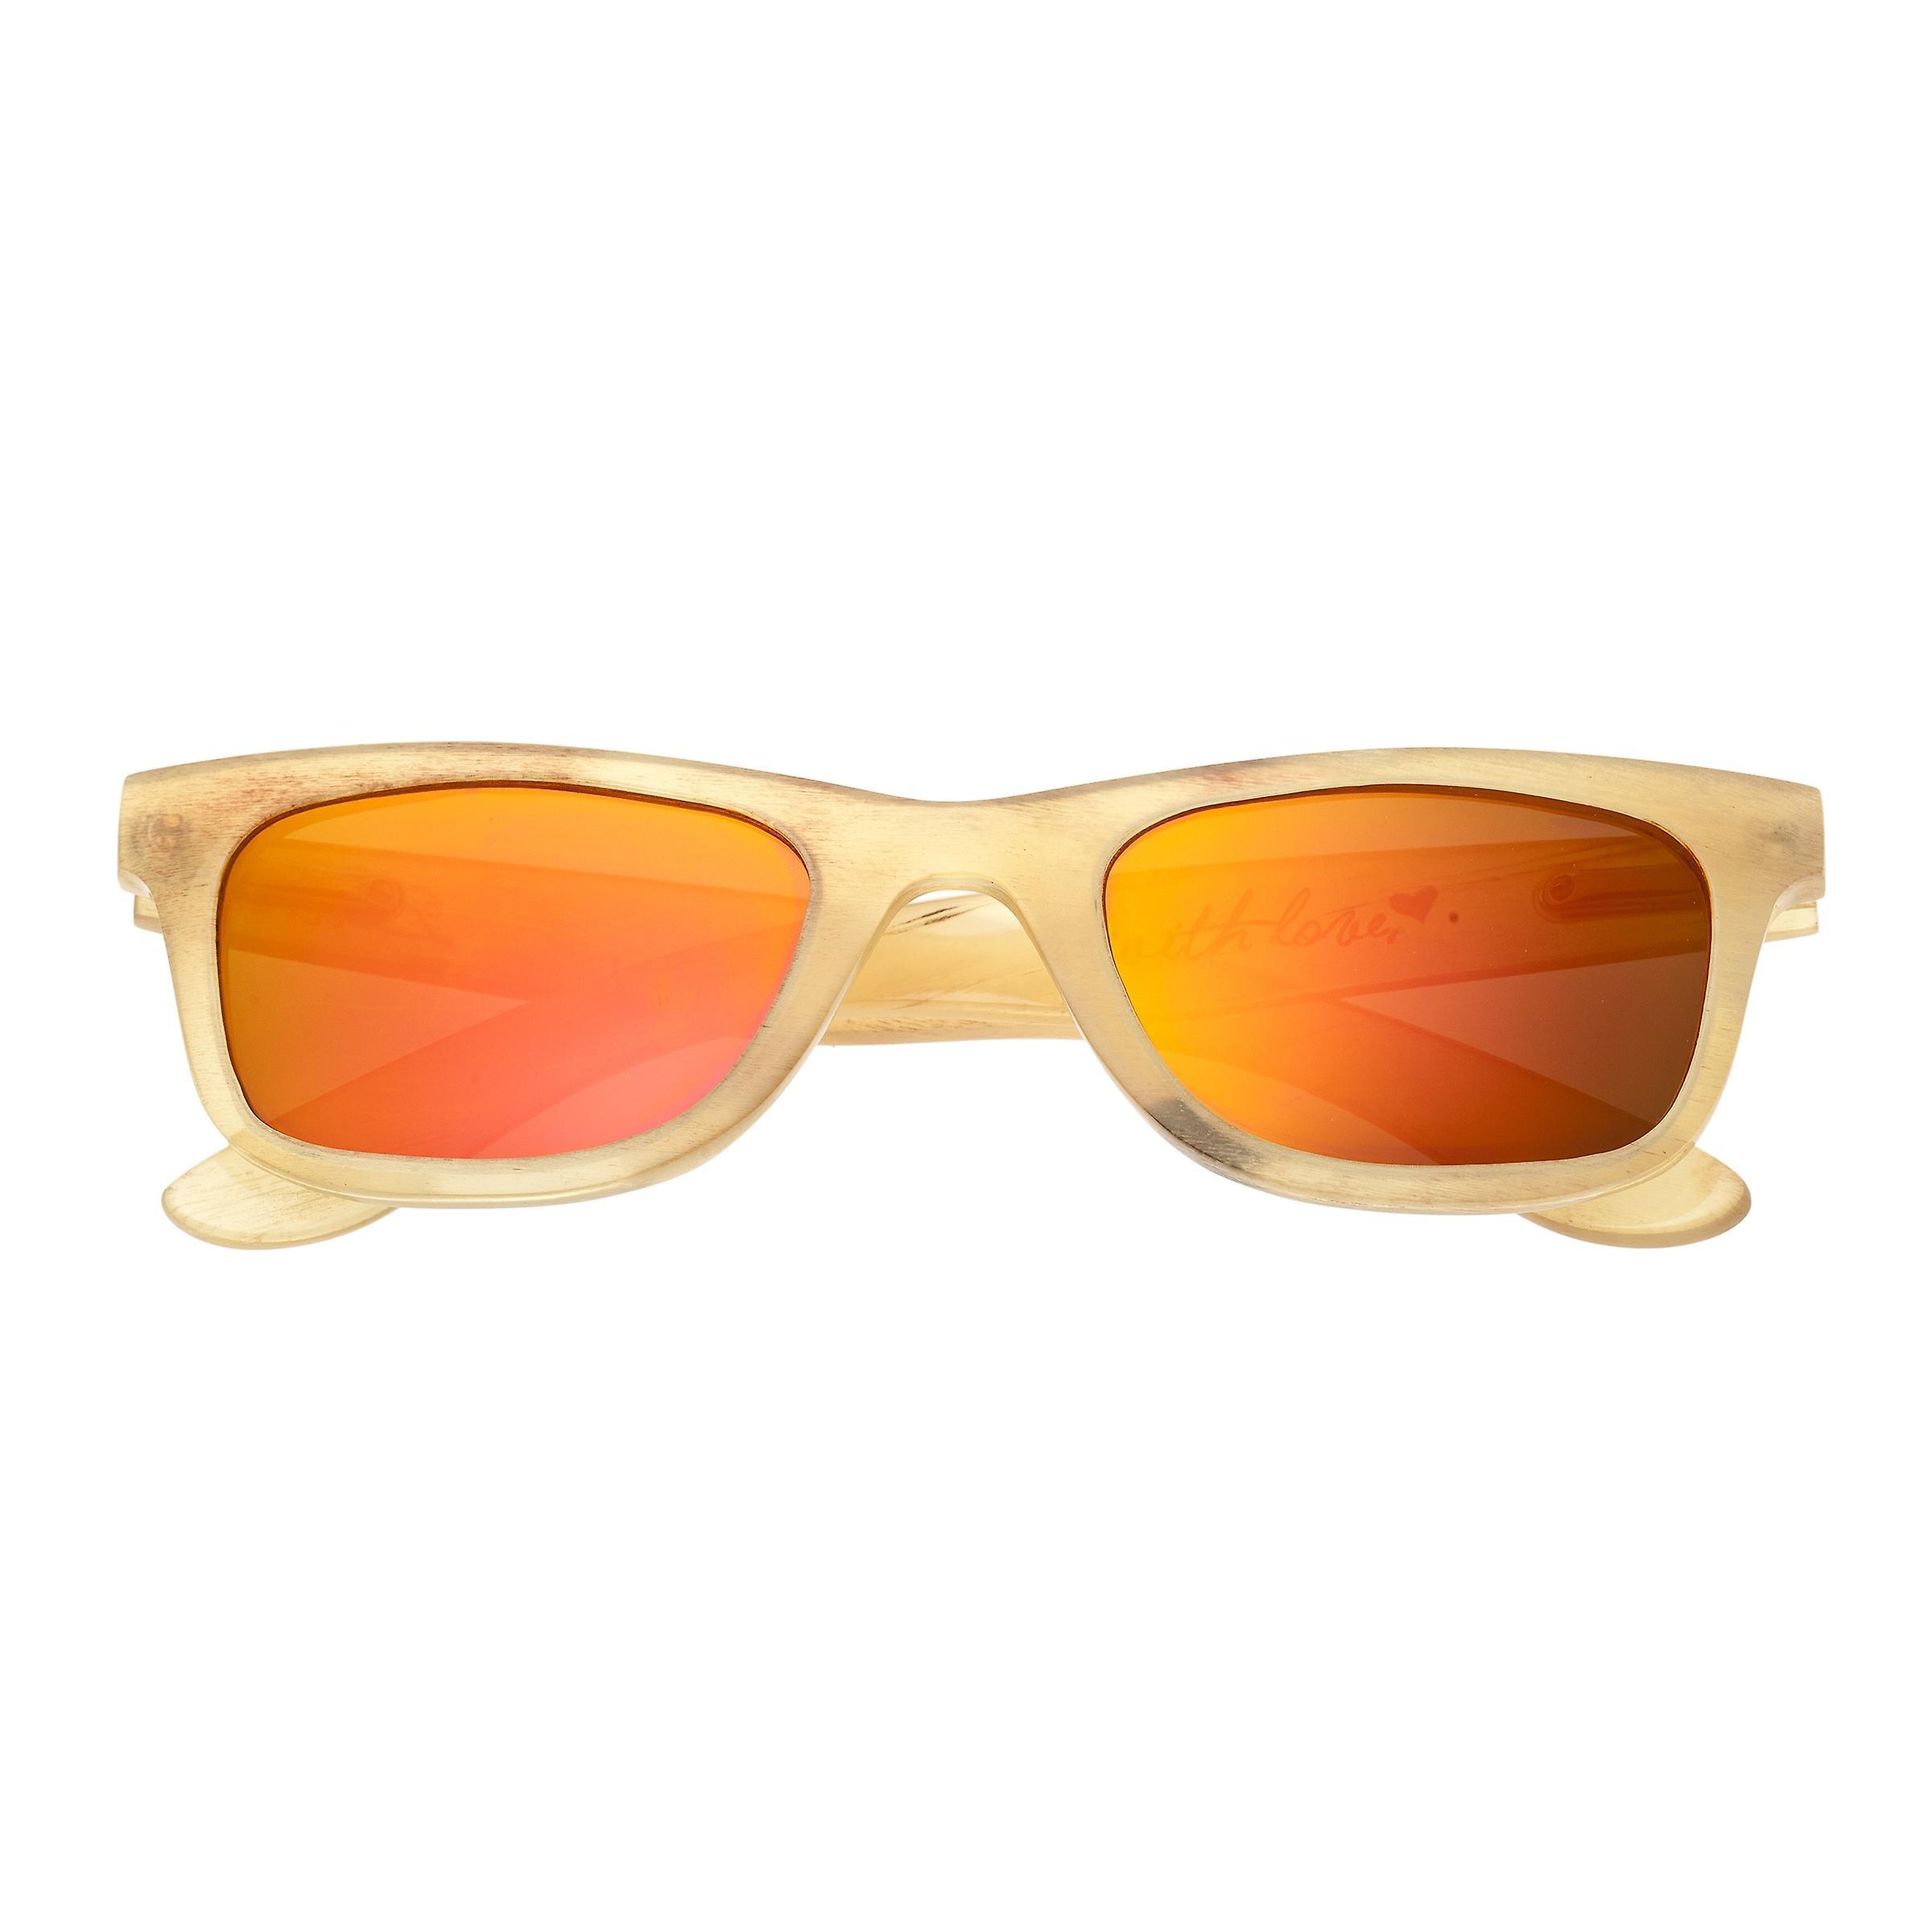 Bertha Zoe Buffalo-Horn Polarized Sunglasses - Honey/Gold